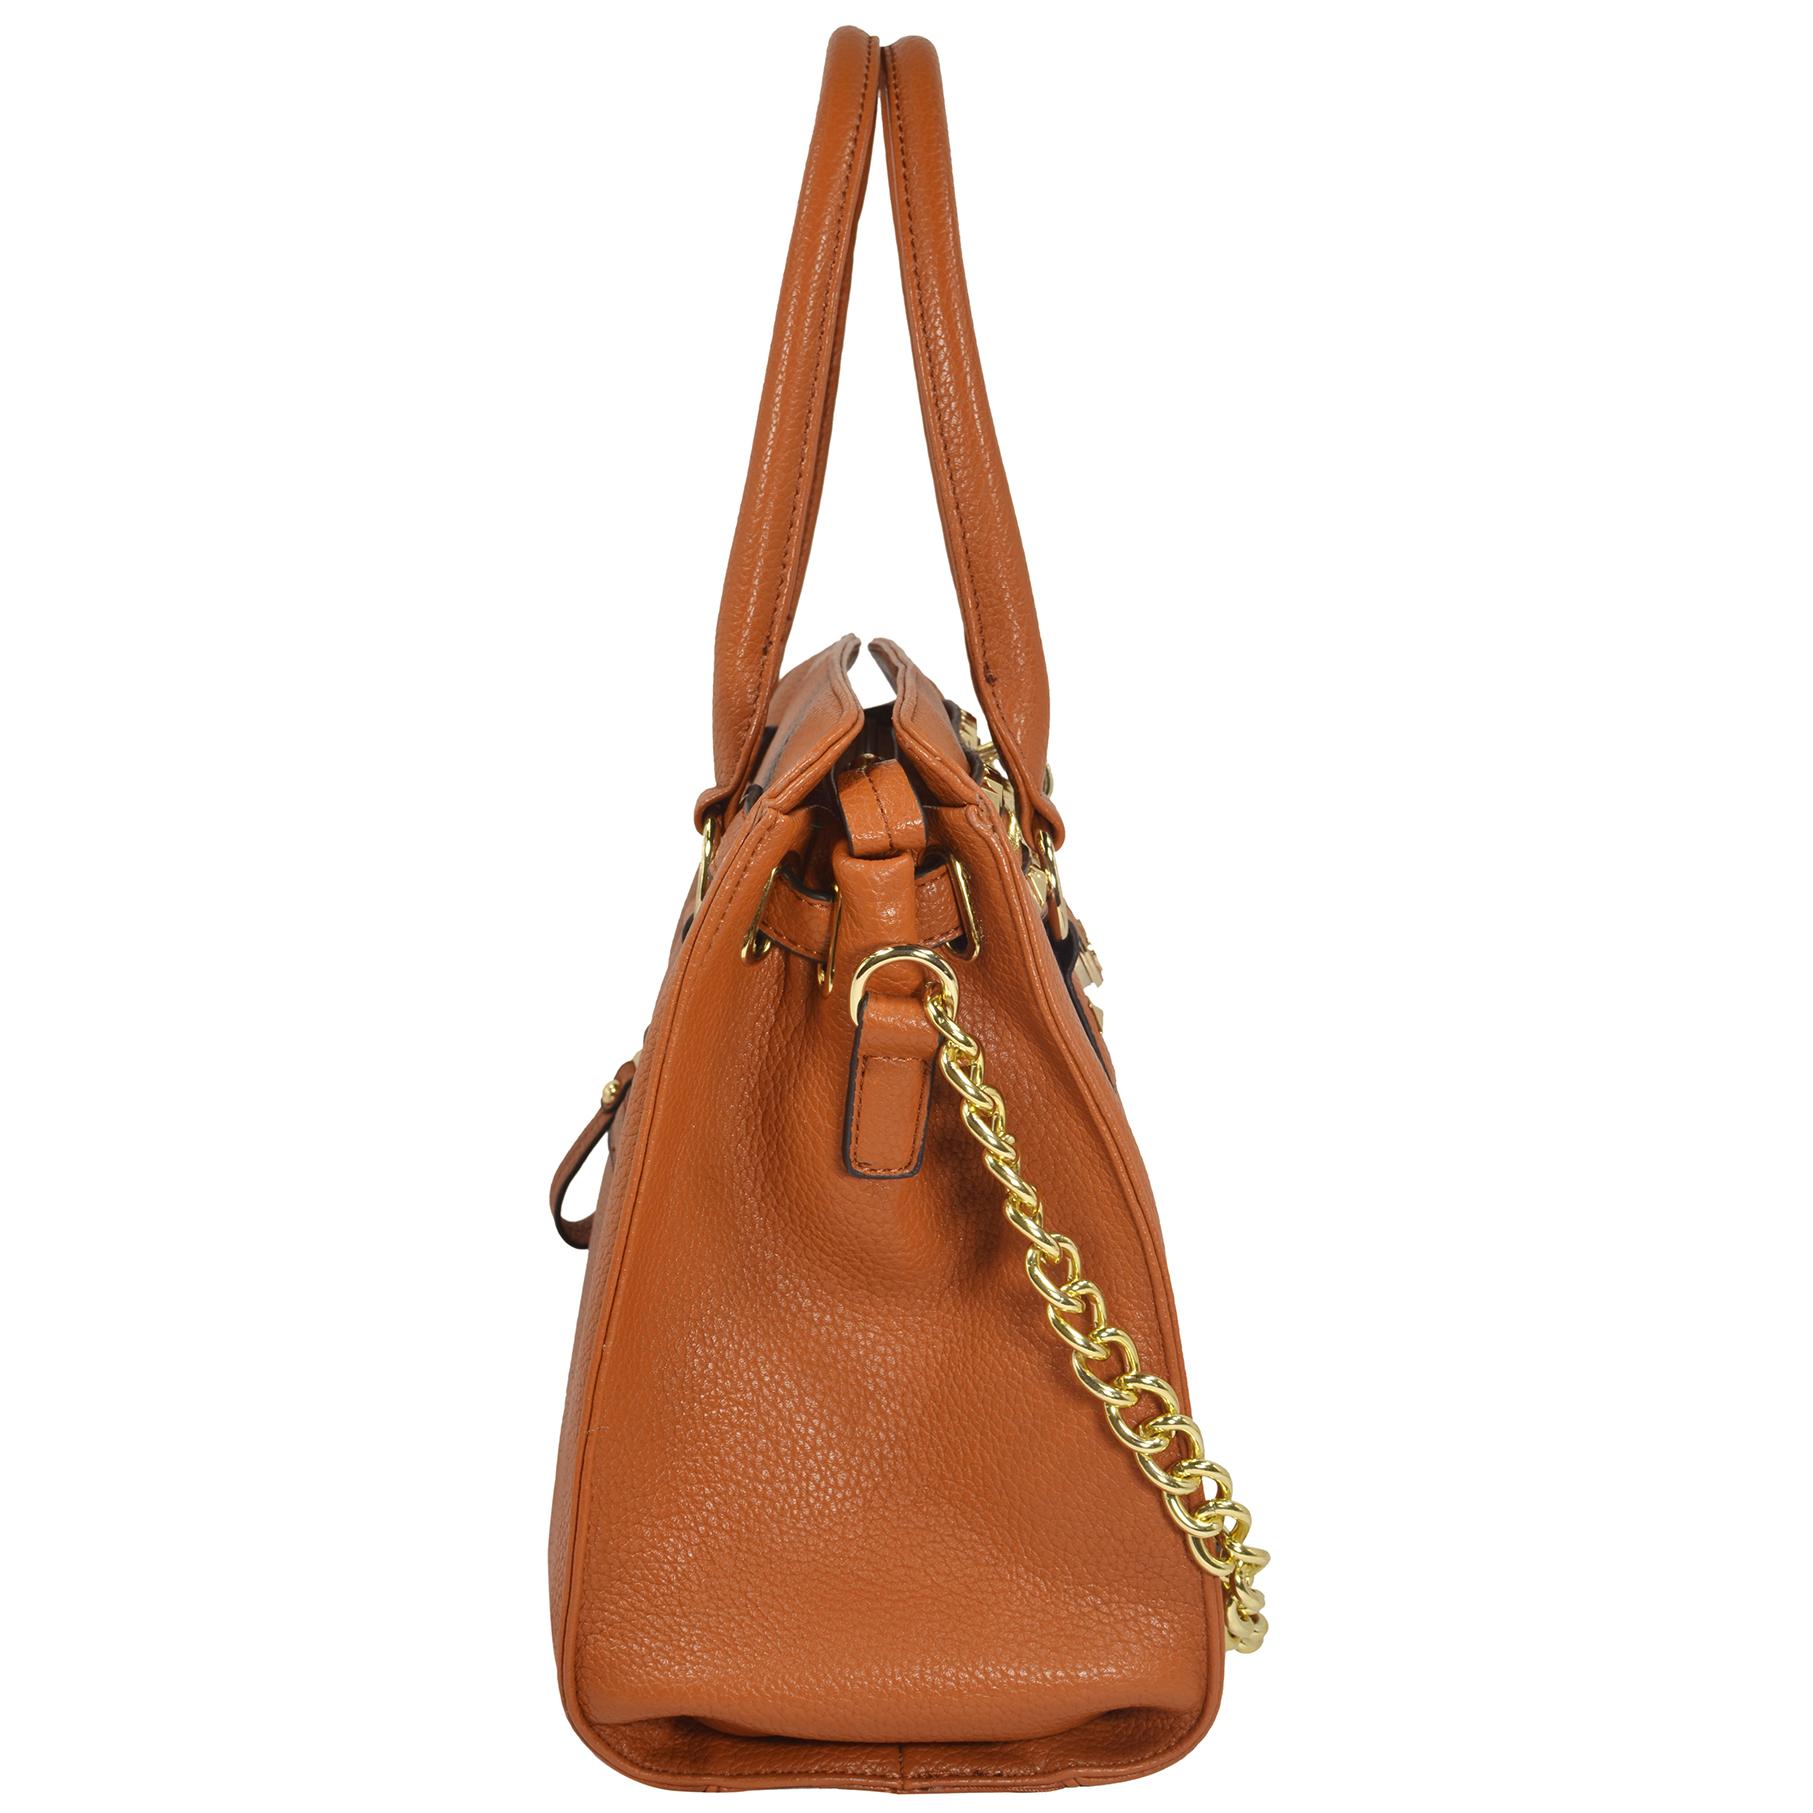 HALEY Brown Bowler Style Handbag Side